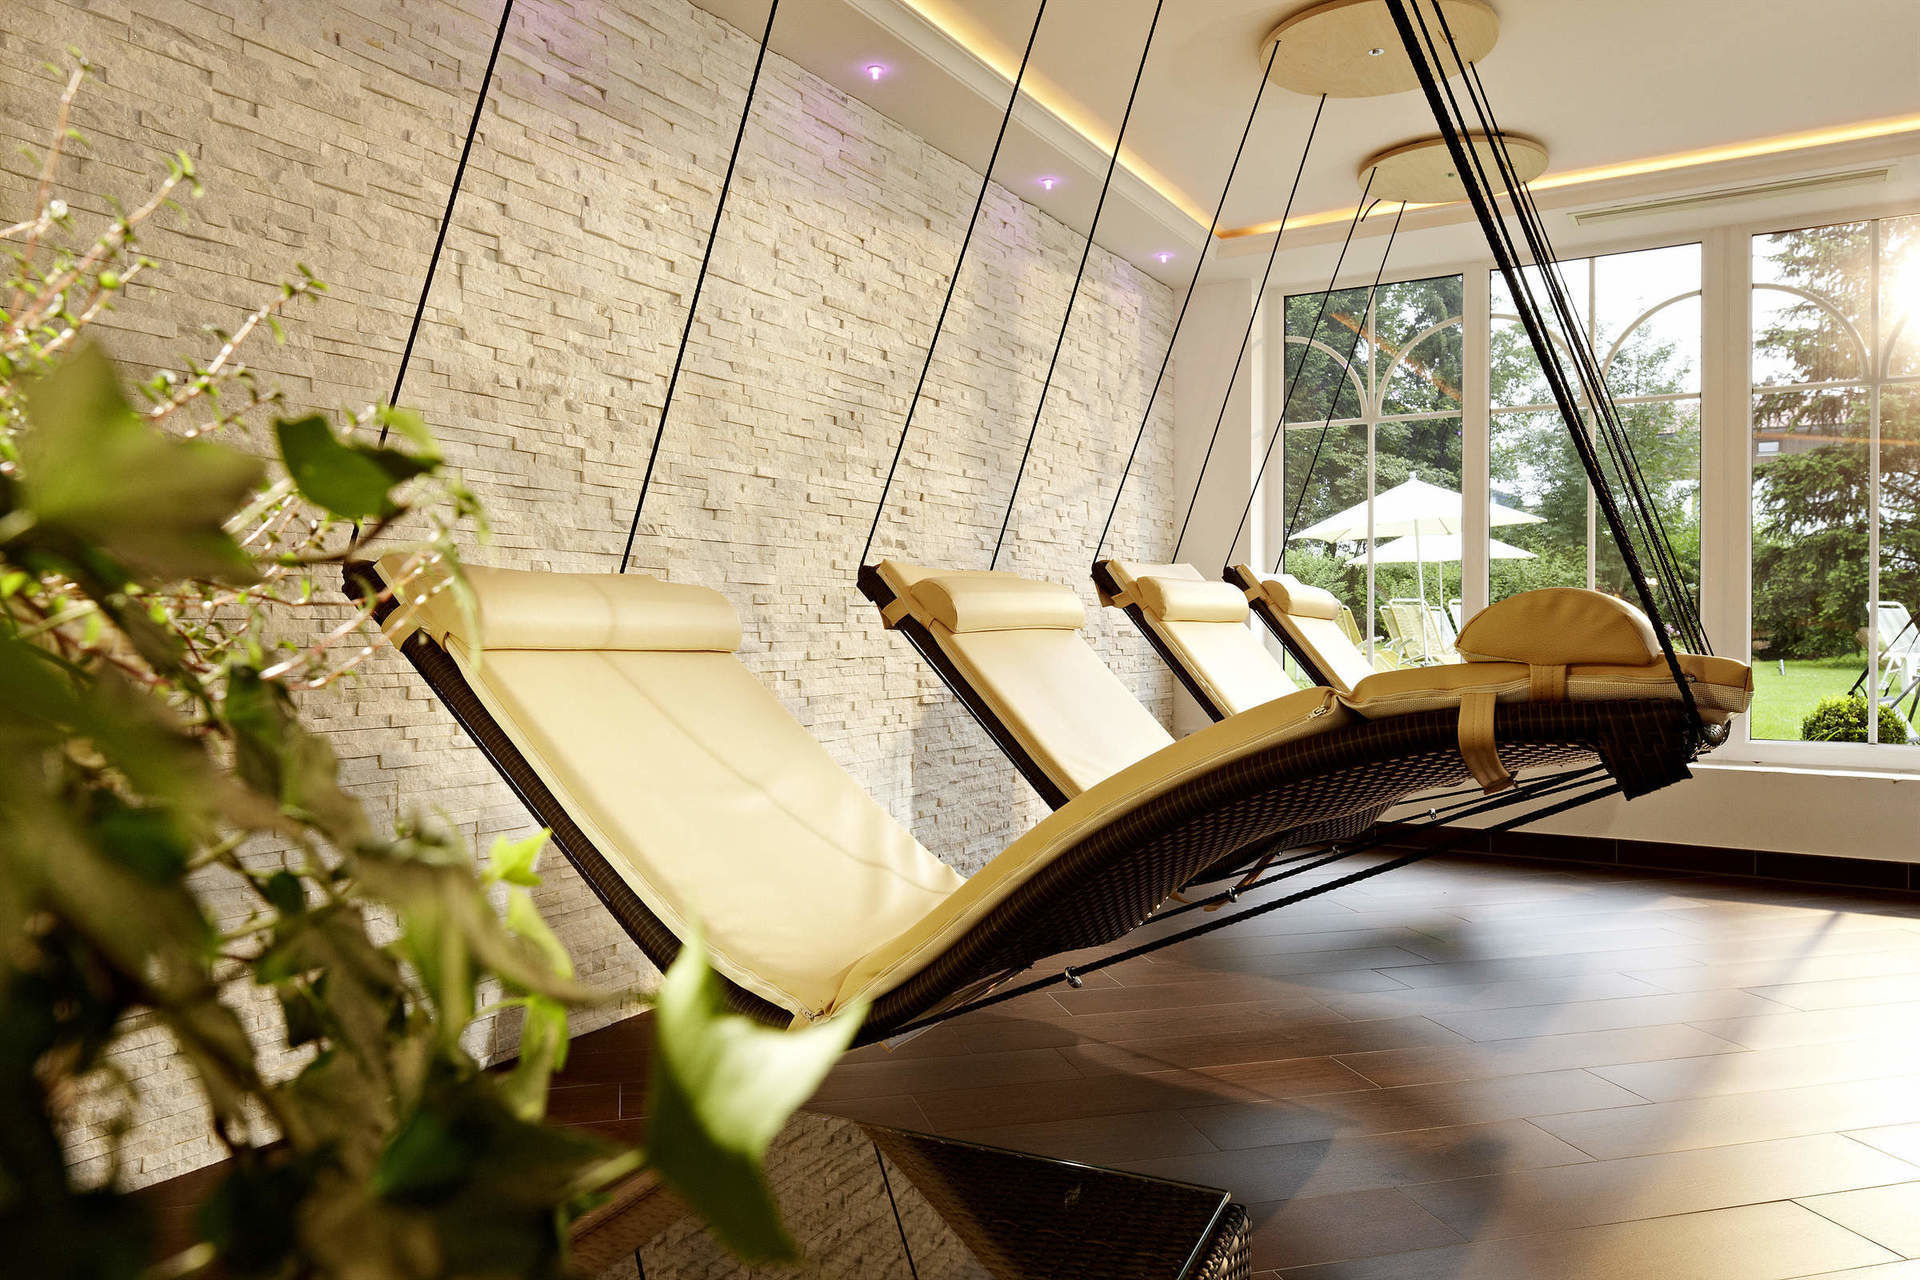 Wellnesshotel wellnessurlaub wellness hotel neue post for Stylische wellnesshotels